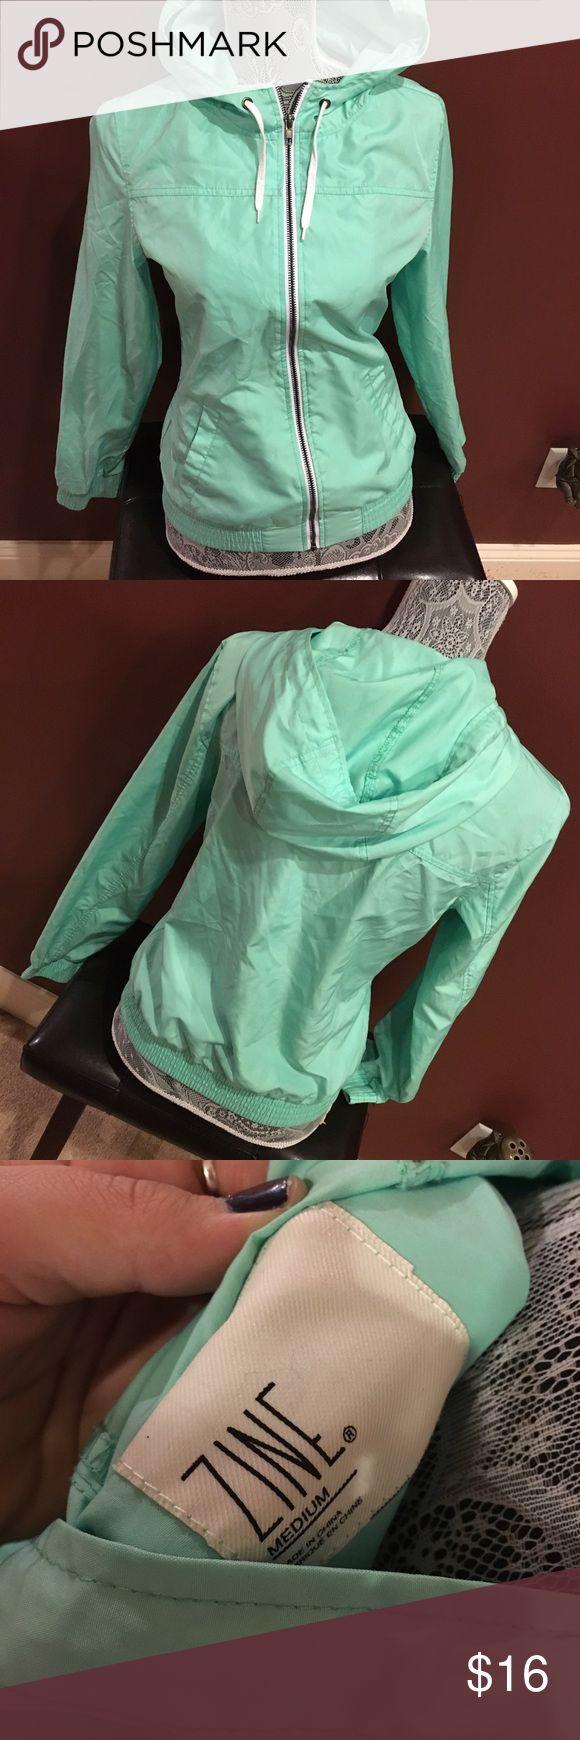 Zine wind breaker zip up jacket . Zine brand from zumiez new condition teal color Tops Sweatshirts & Hoodies